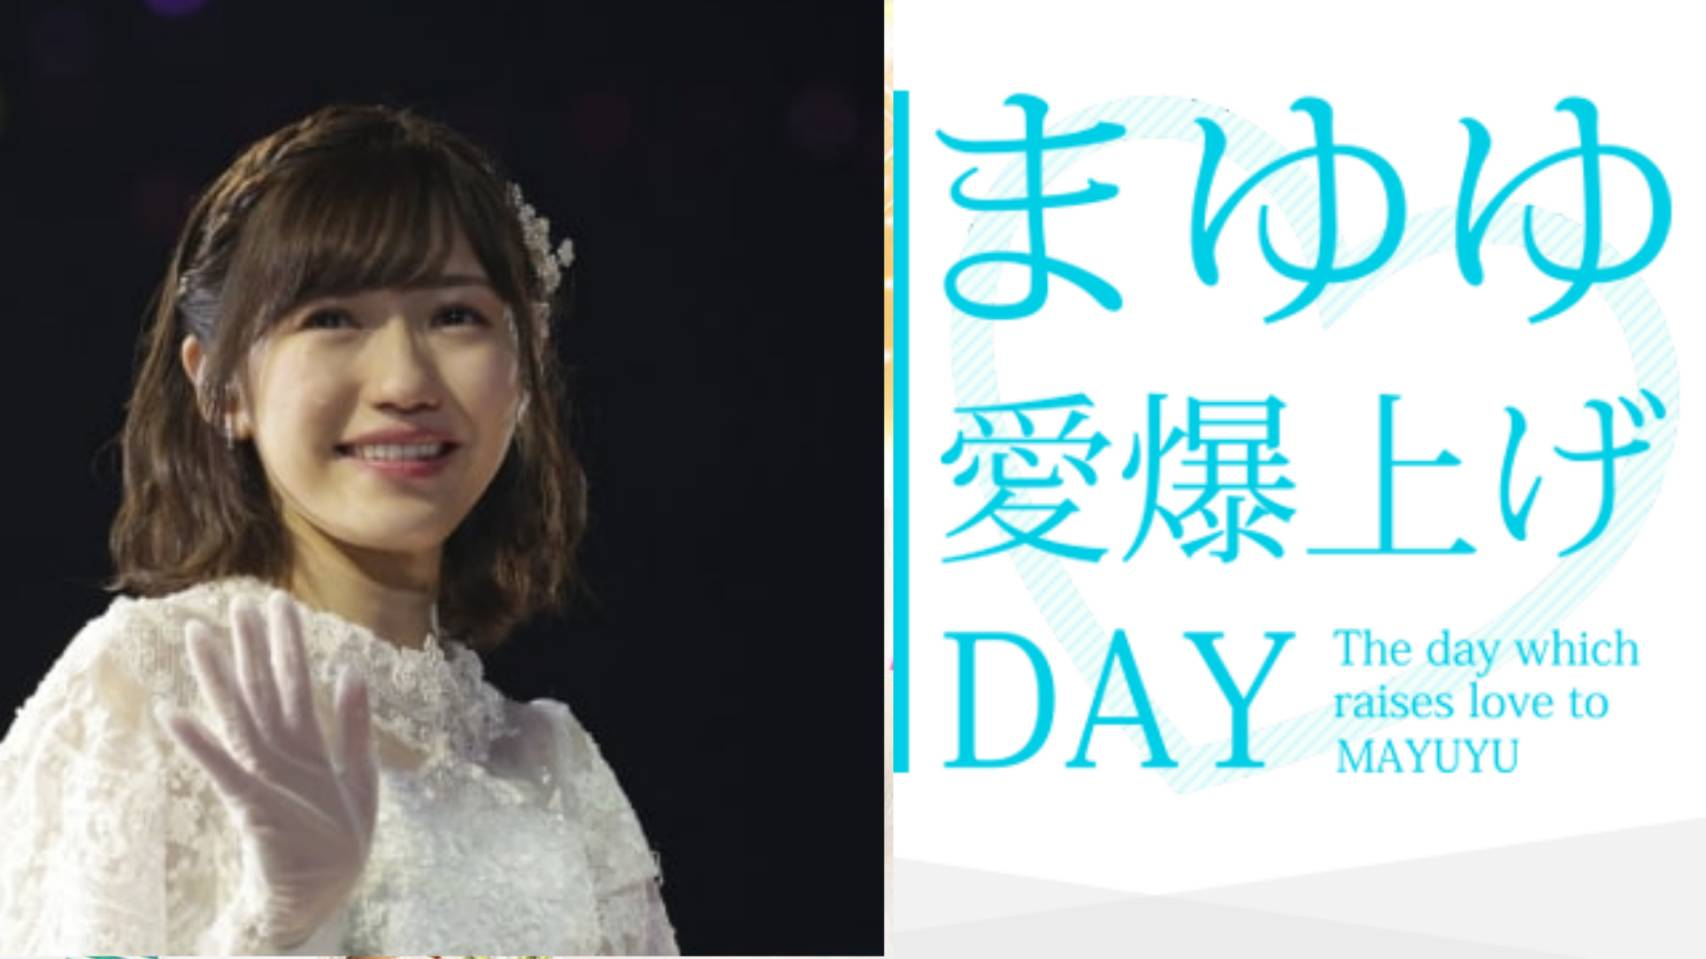 【拡散希望】AKB48【渡辺麻友】最後の 『まゆゆ愛爆上げDAY』開催のお知らせ